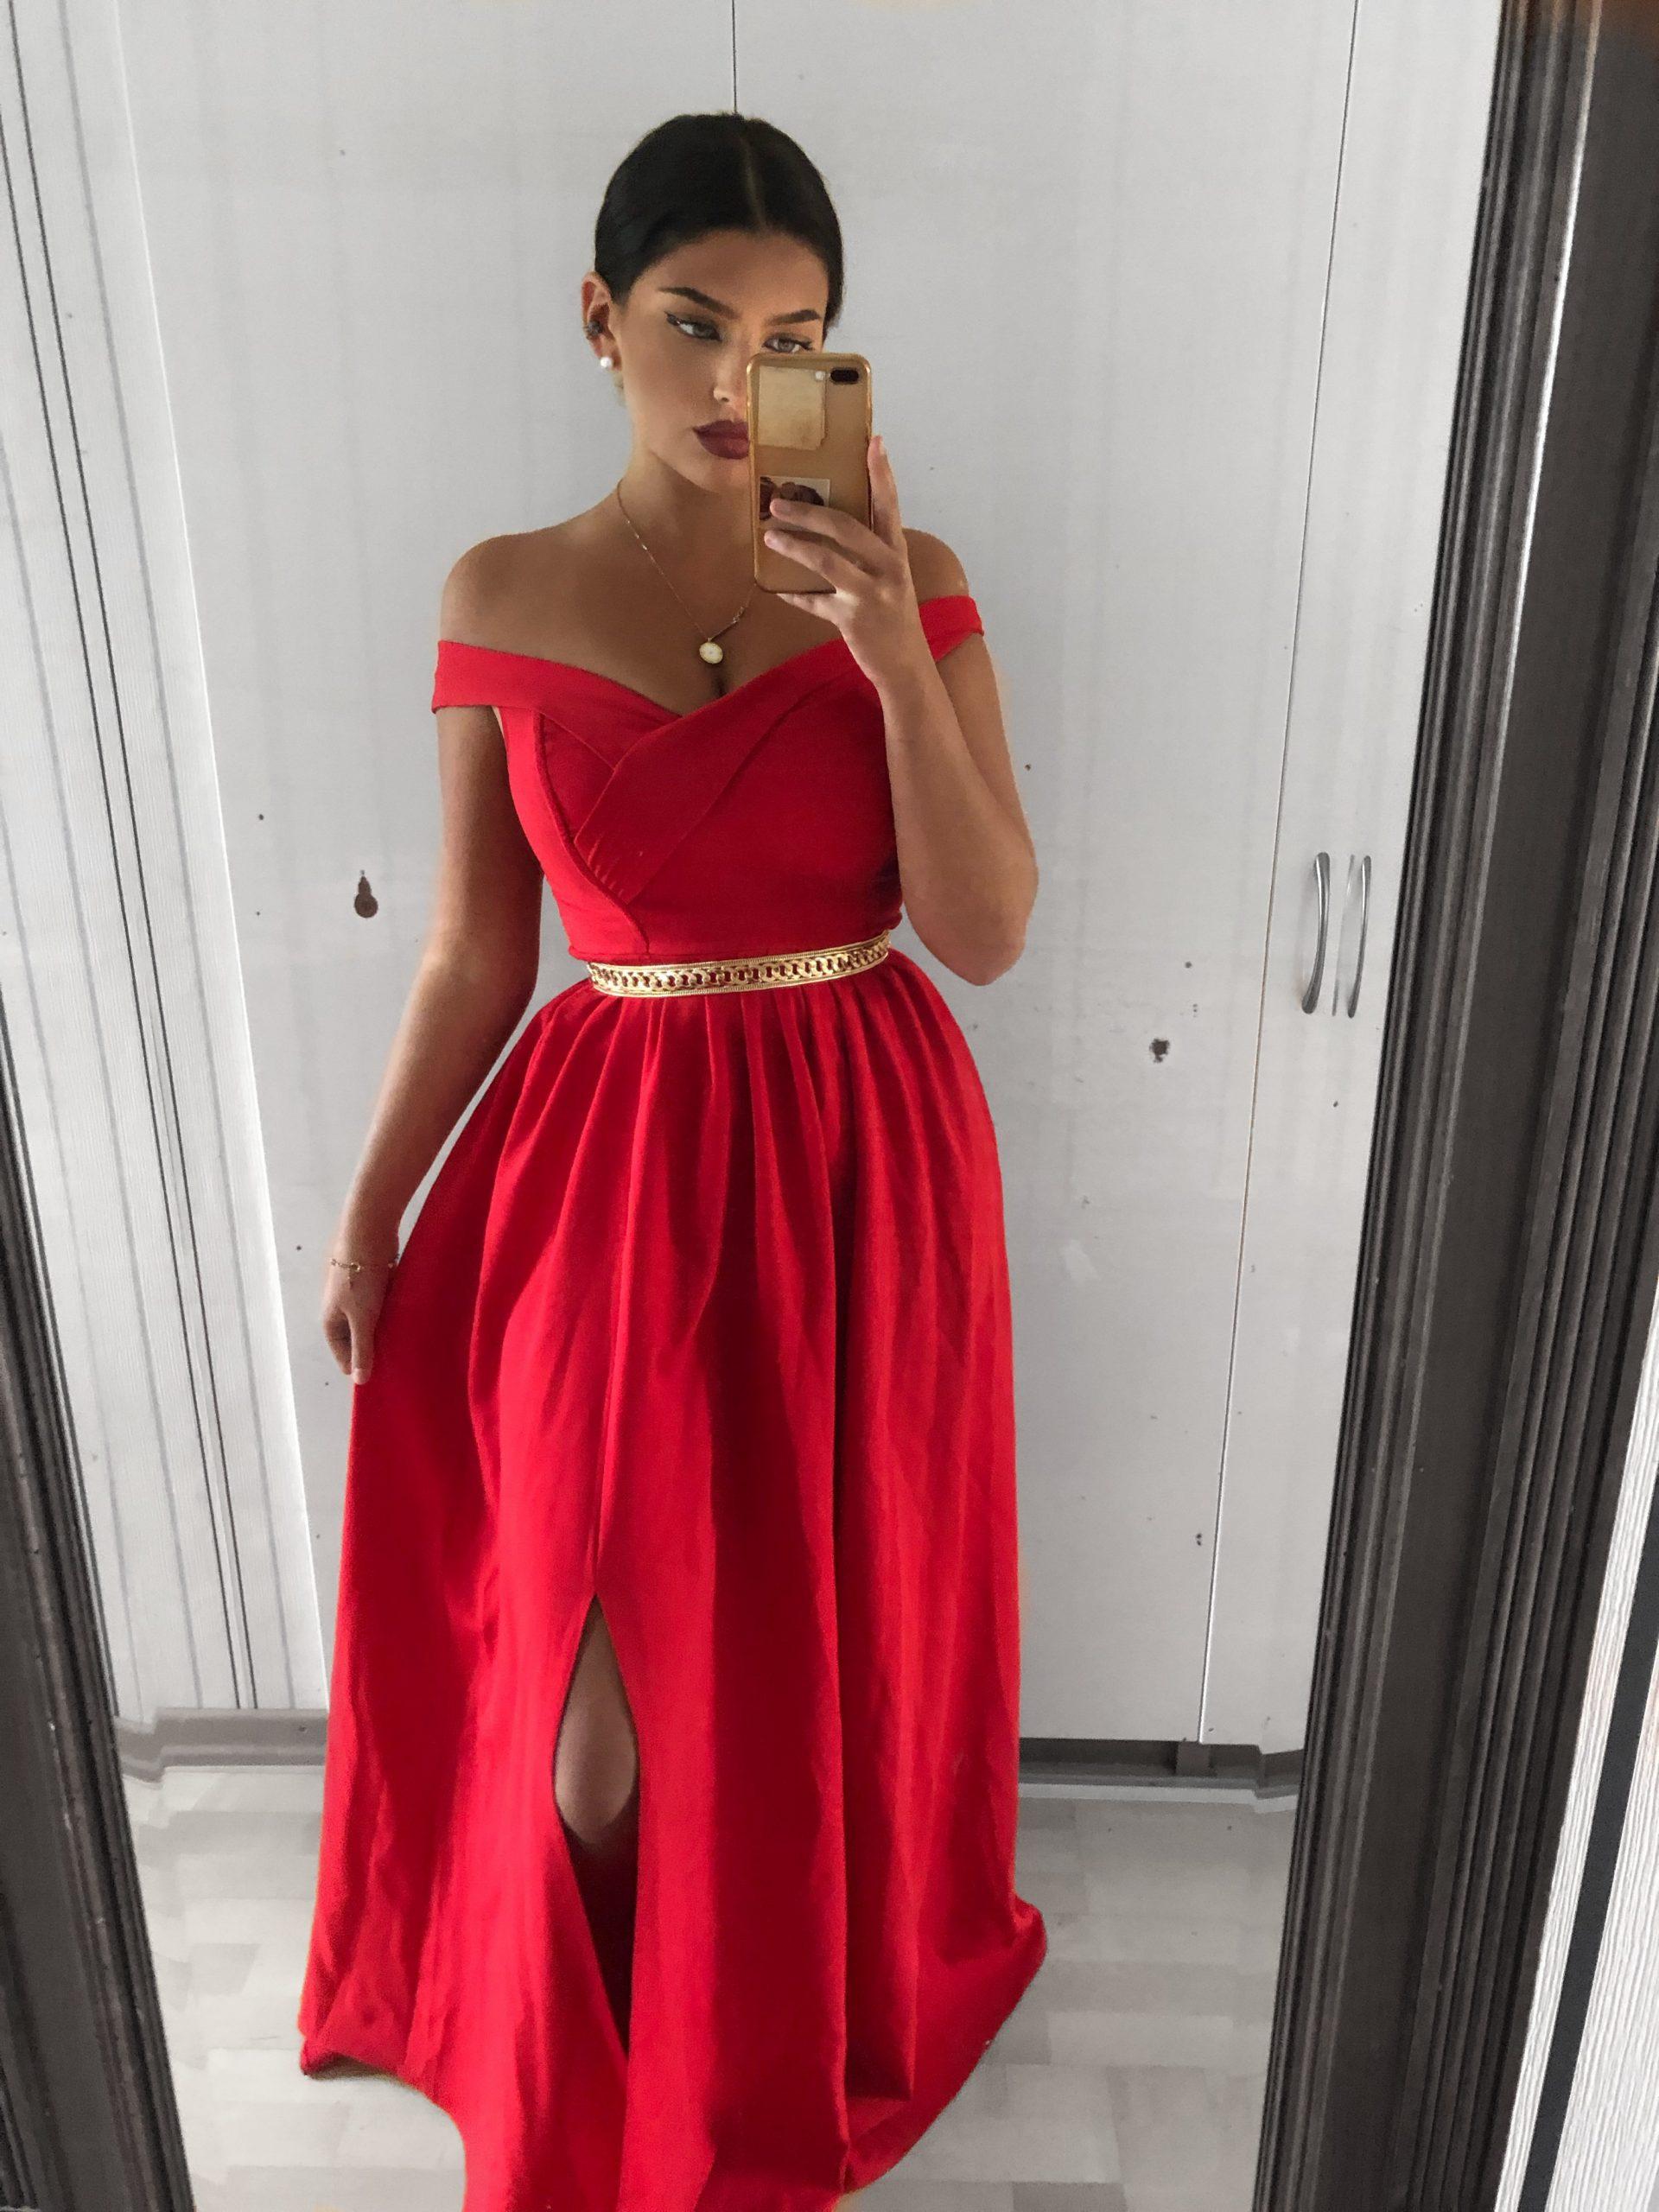 15 Spektakulär Rot Abend Kleid Stylish10 Einzigartig Rot Abend Kleid Design